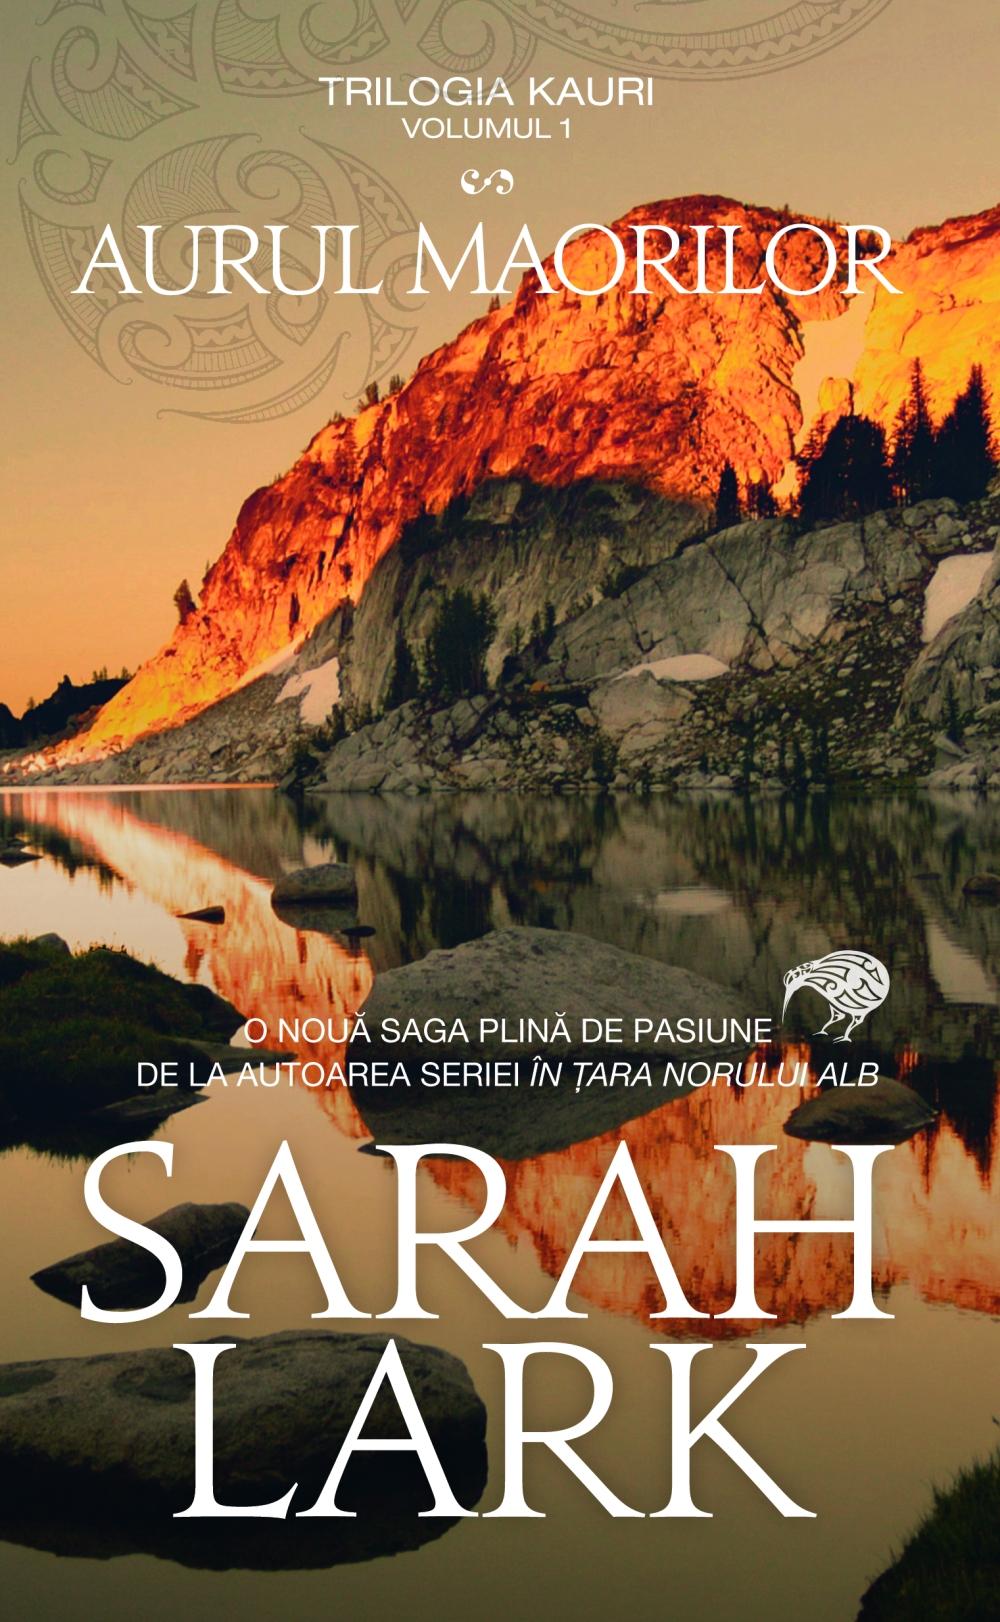 Sarah-Lark-Aurul-maorilor